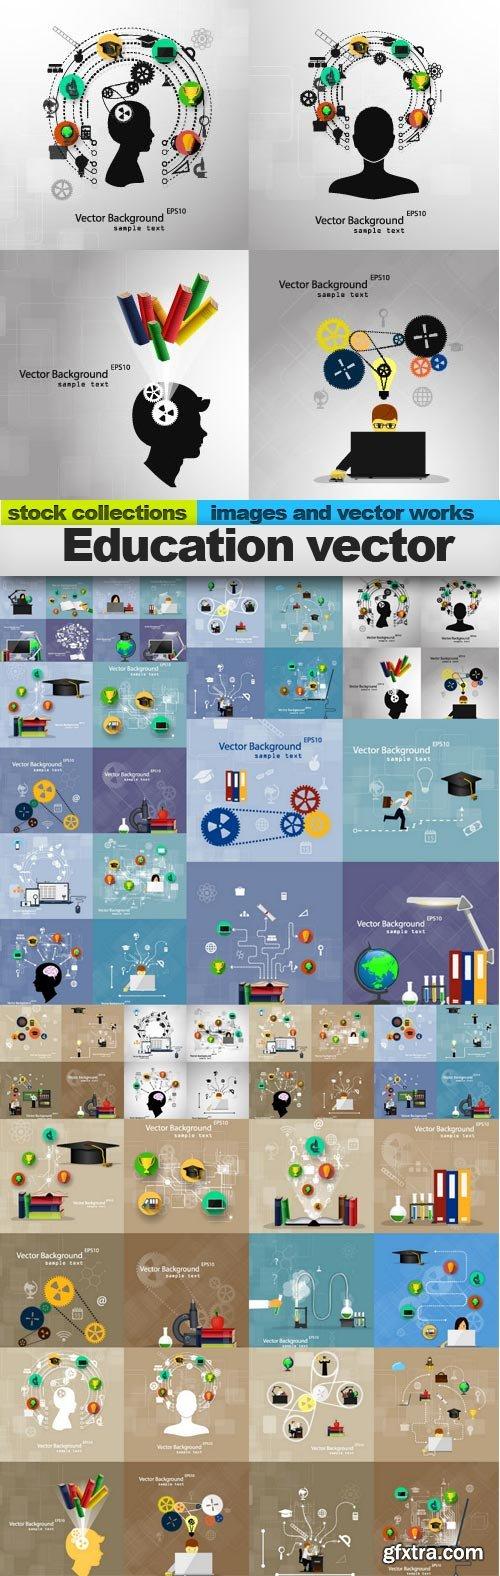 Education vector, 15 x EPS